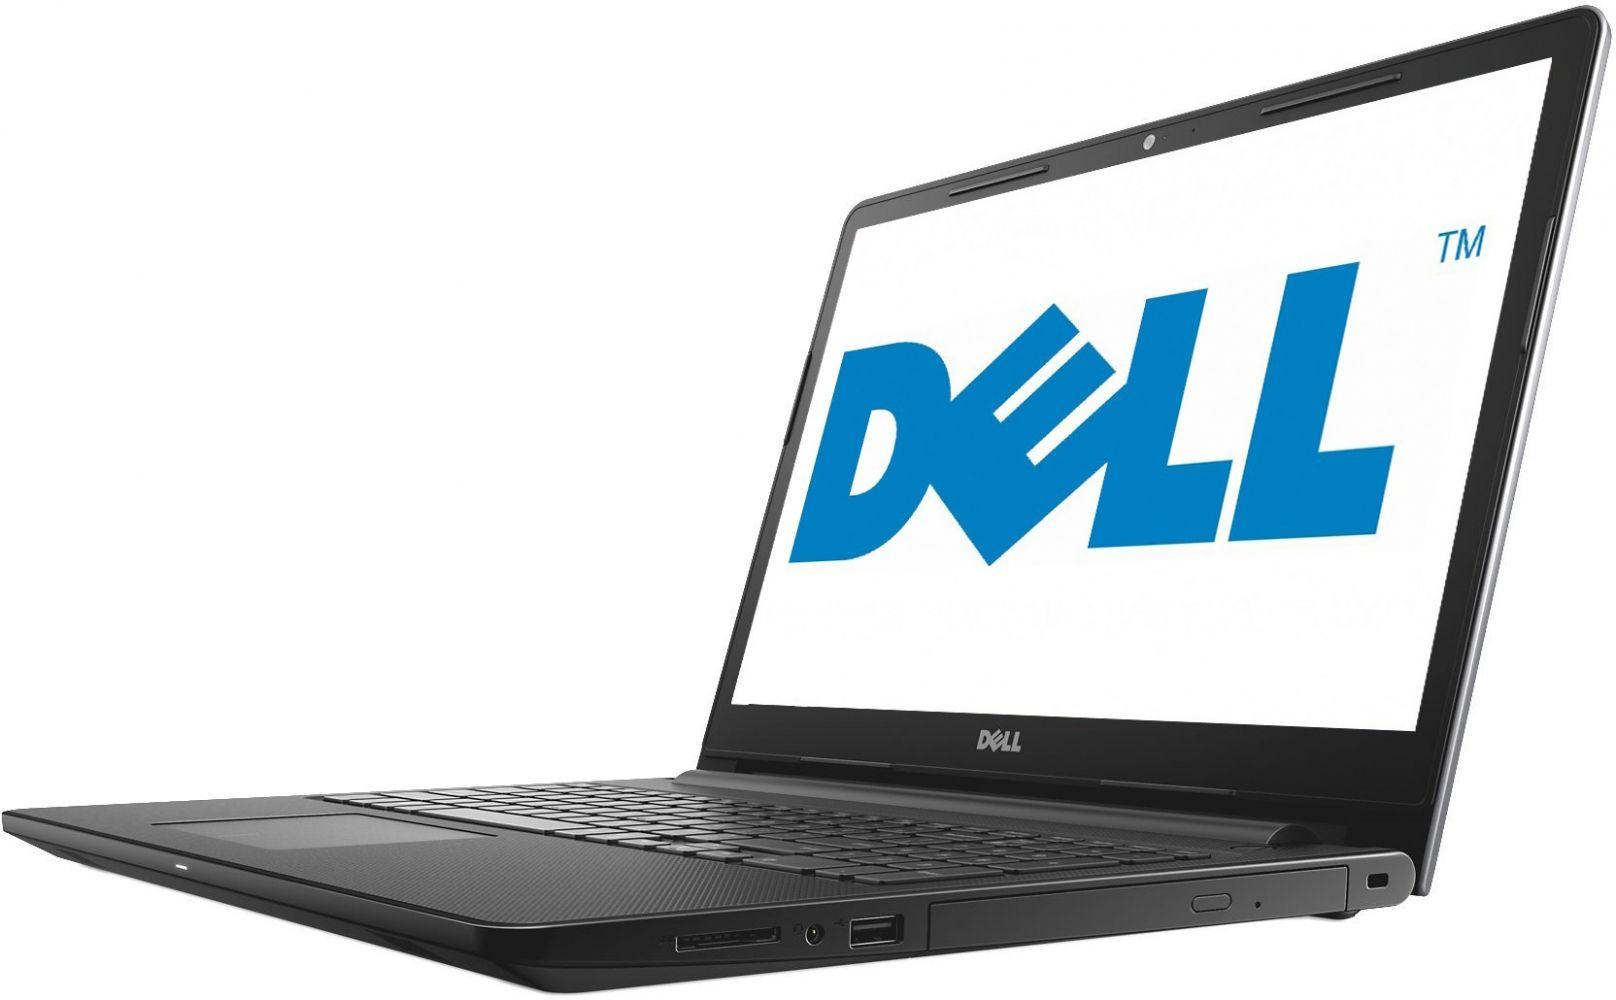 Ноутбук Dell Inspiron 3573 (I315C54H5DIW-BK) Black от Територія твоєї техніки - 4